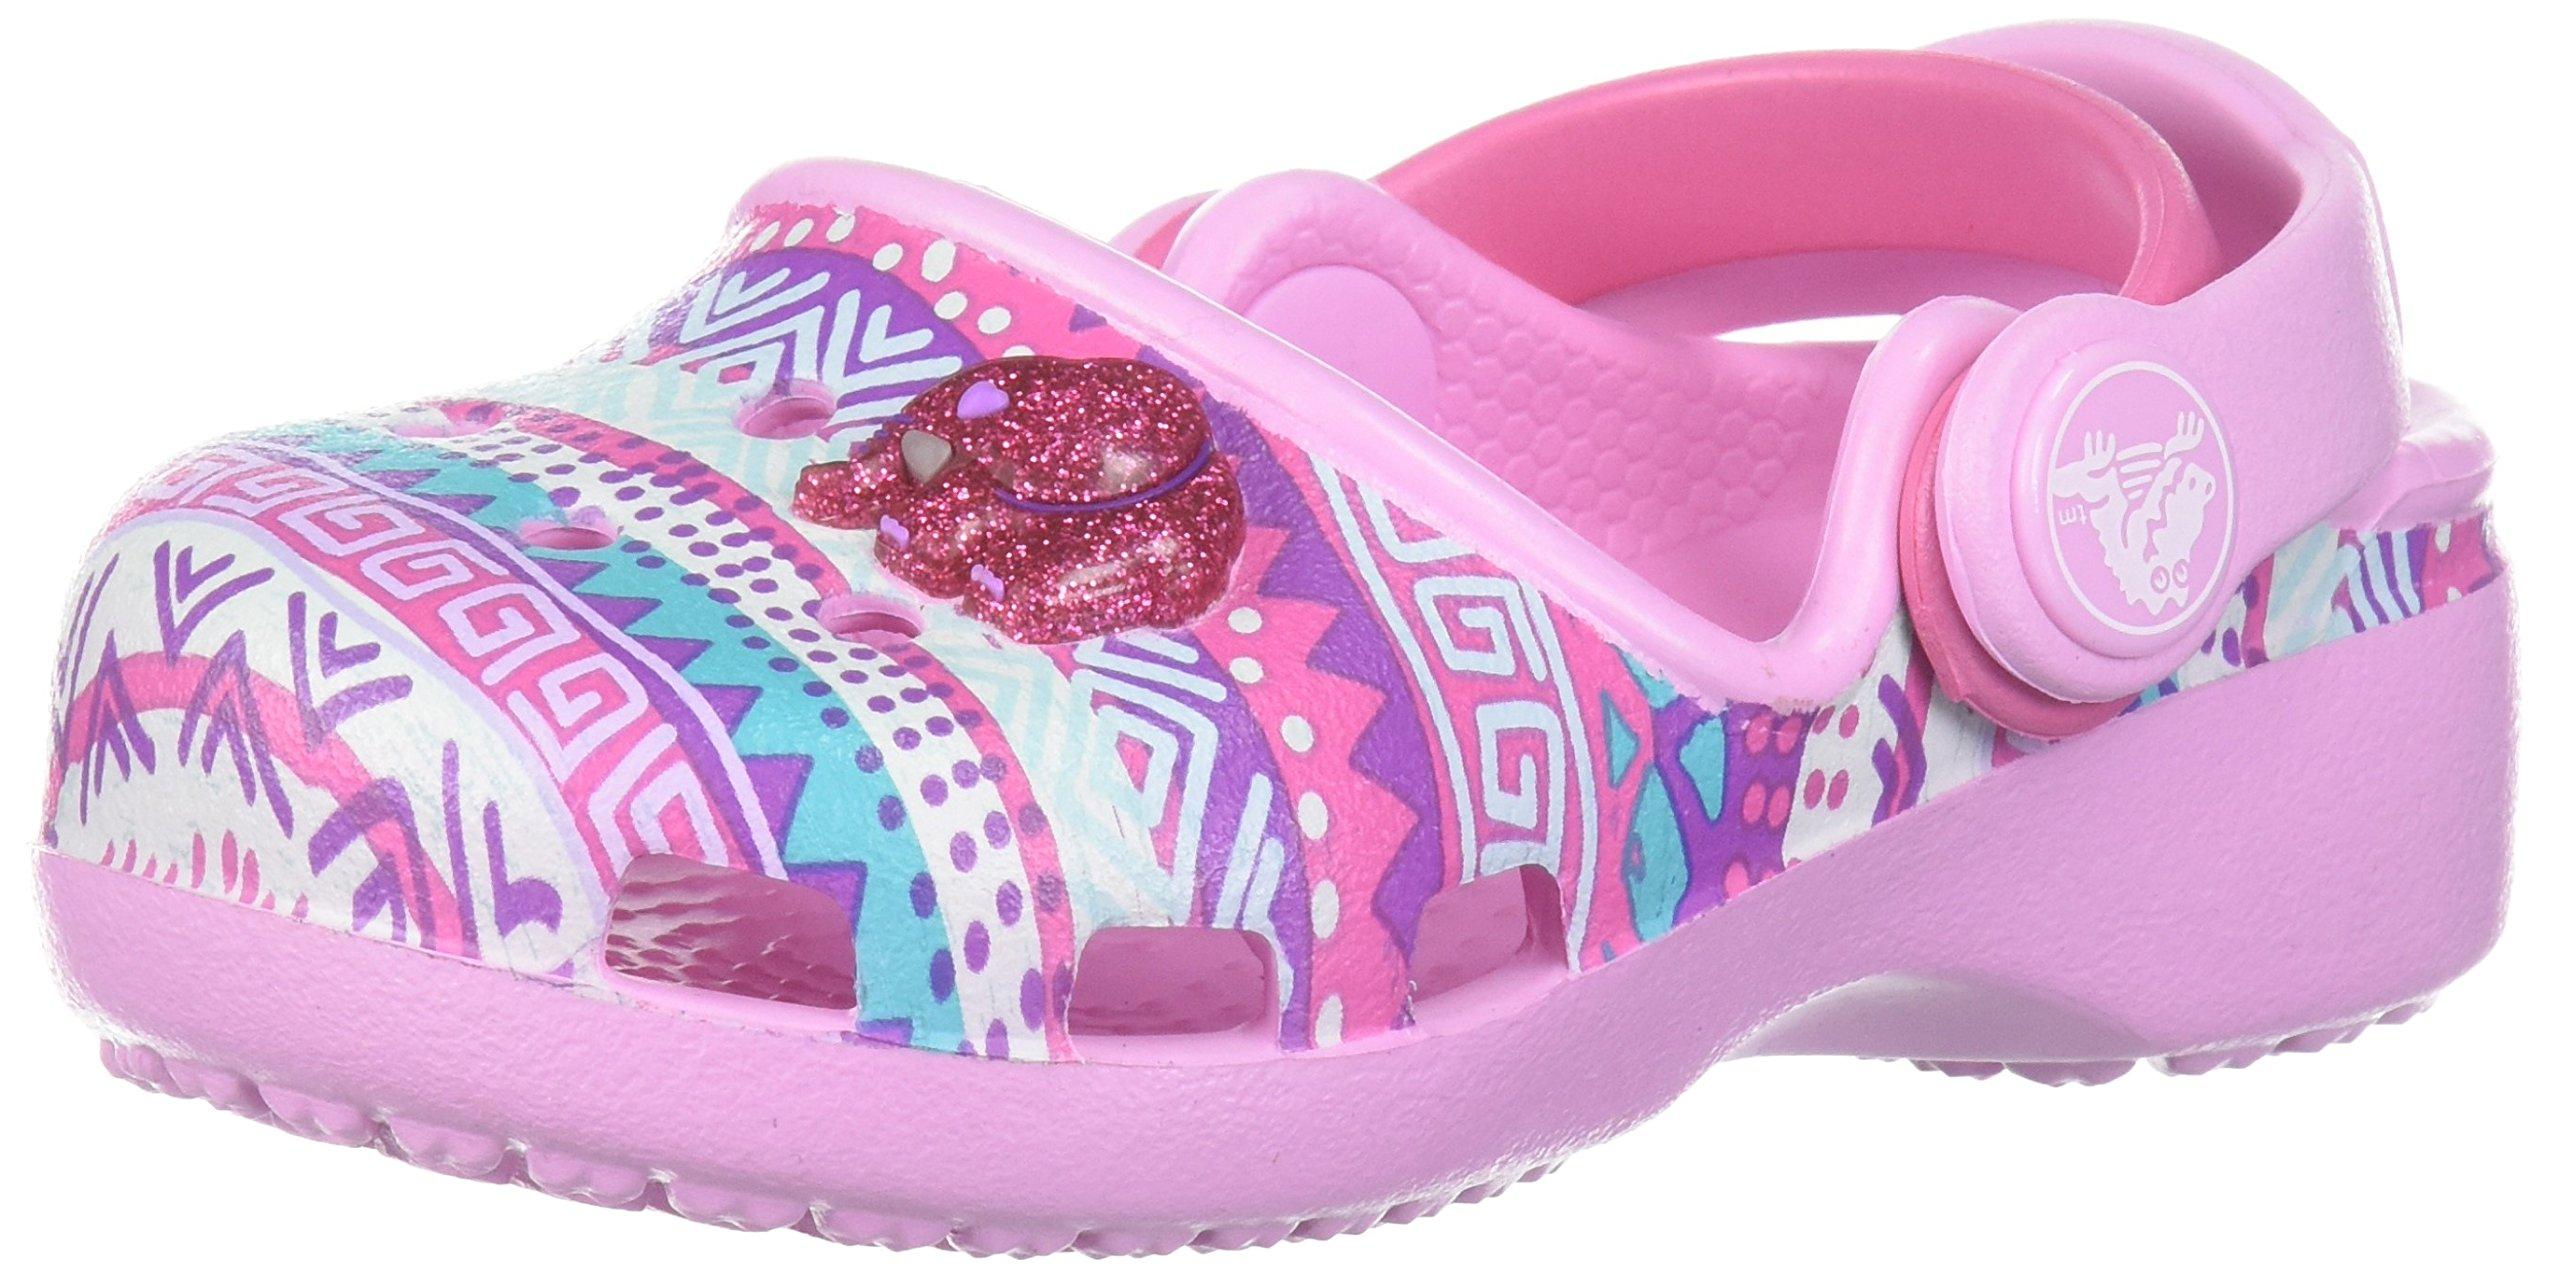 Crocs Girls' Karin Novelty K Clog, Carnation, 6 M US Toddler